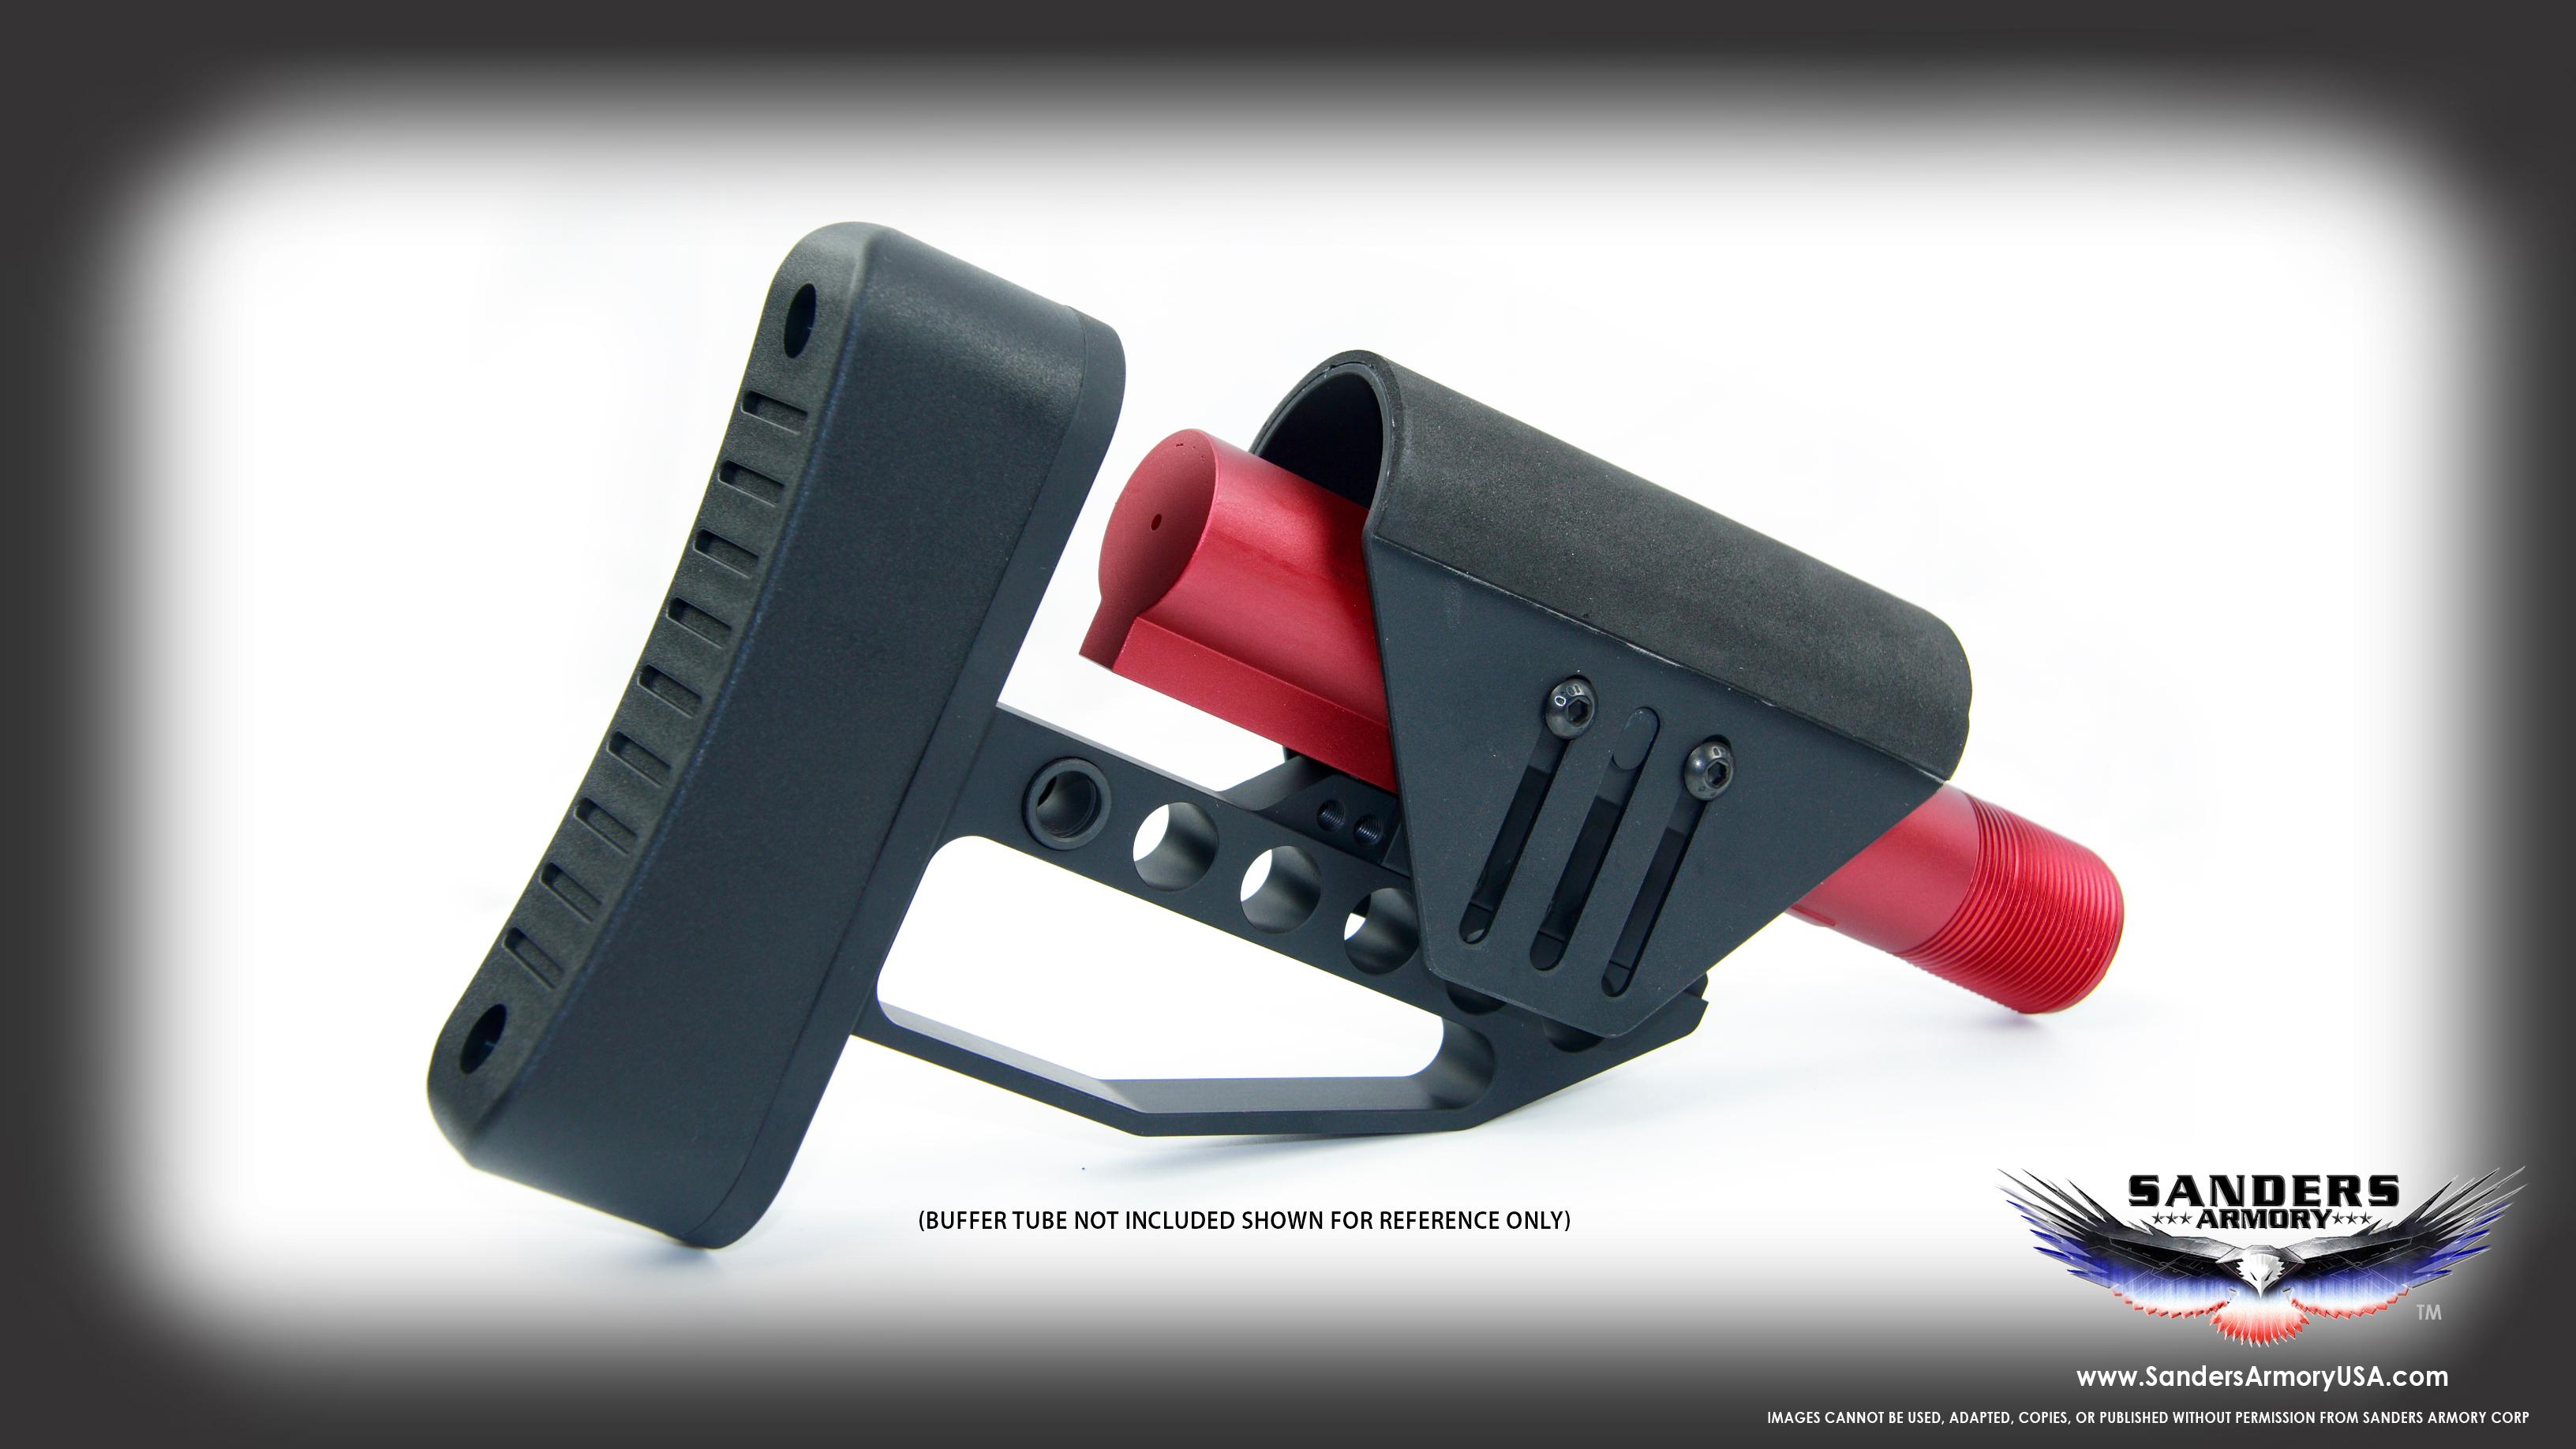 Sanders Armory AR-10/AR-15 Tactical Buttstock - TachStockTWO